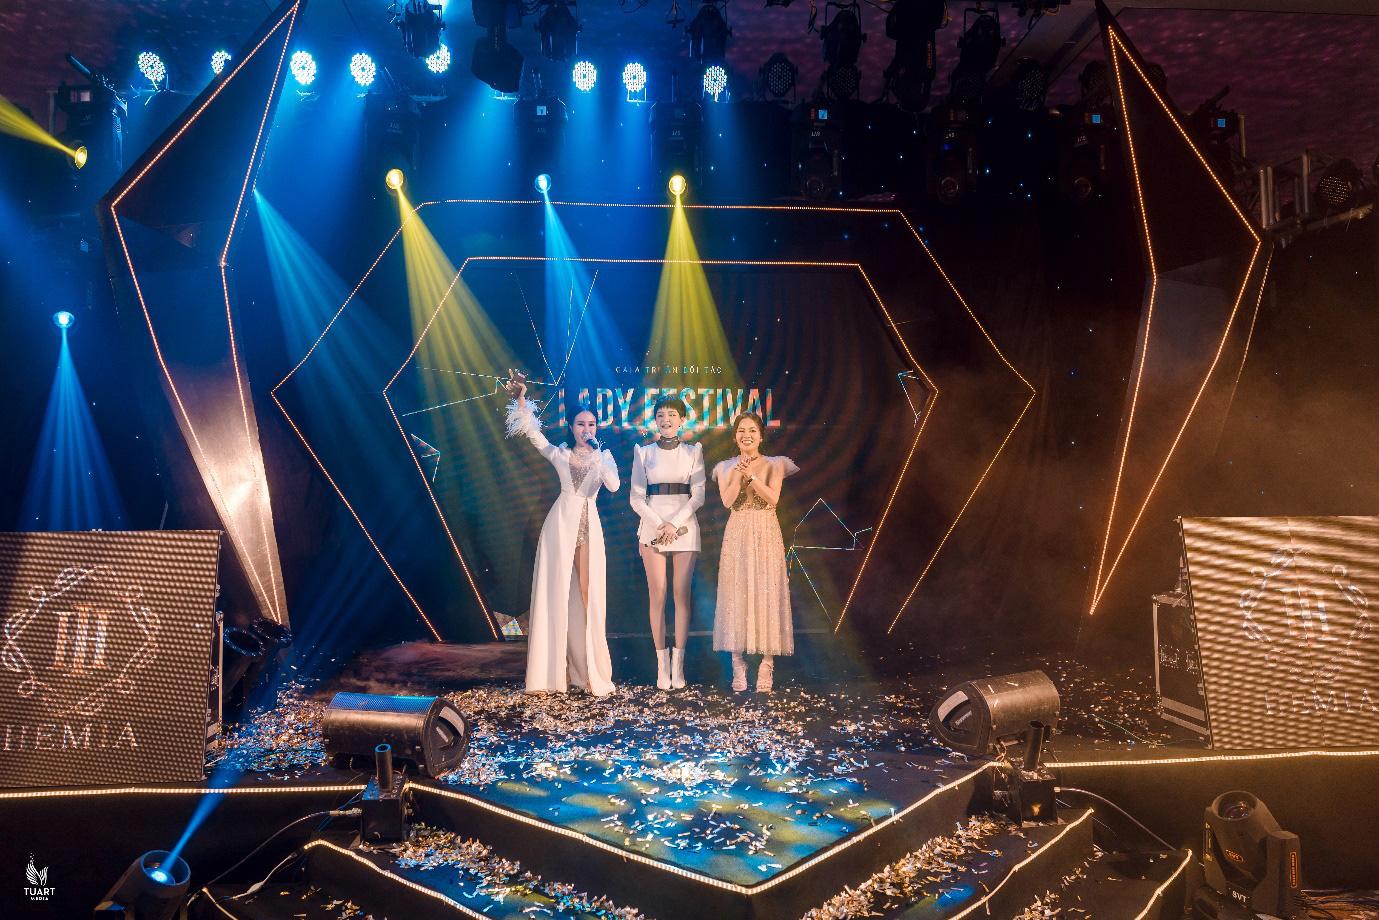 Lễ ra mắt cực đỉnh của mỹ phẩm Hemia: Quy tụ dàn sao khủng showbiz Việt - Ảnh 3.